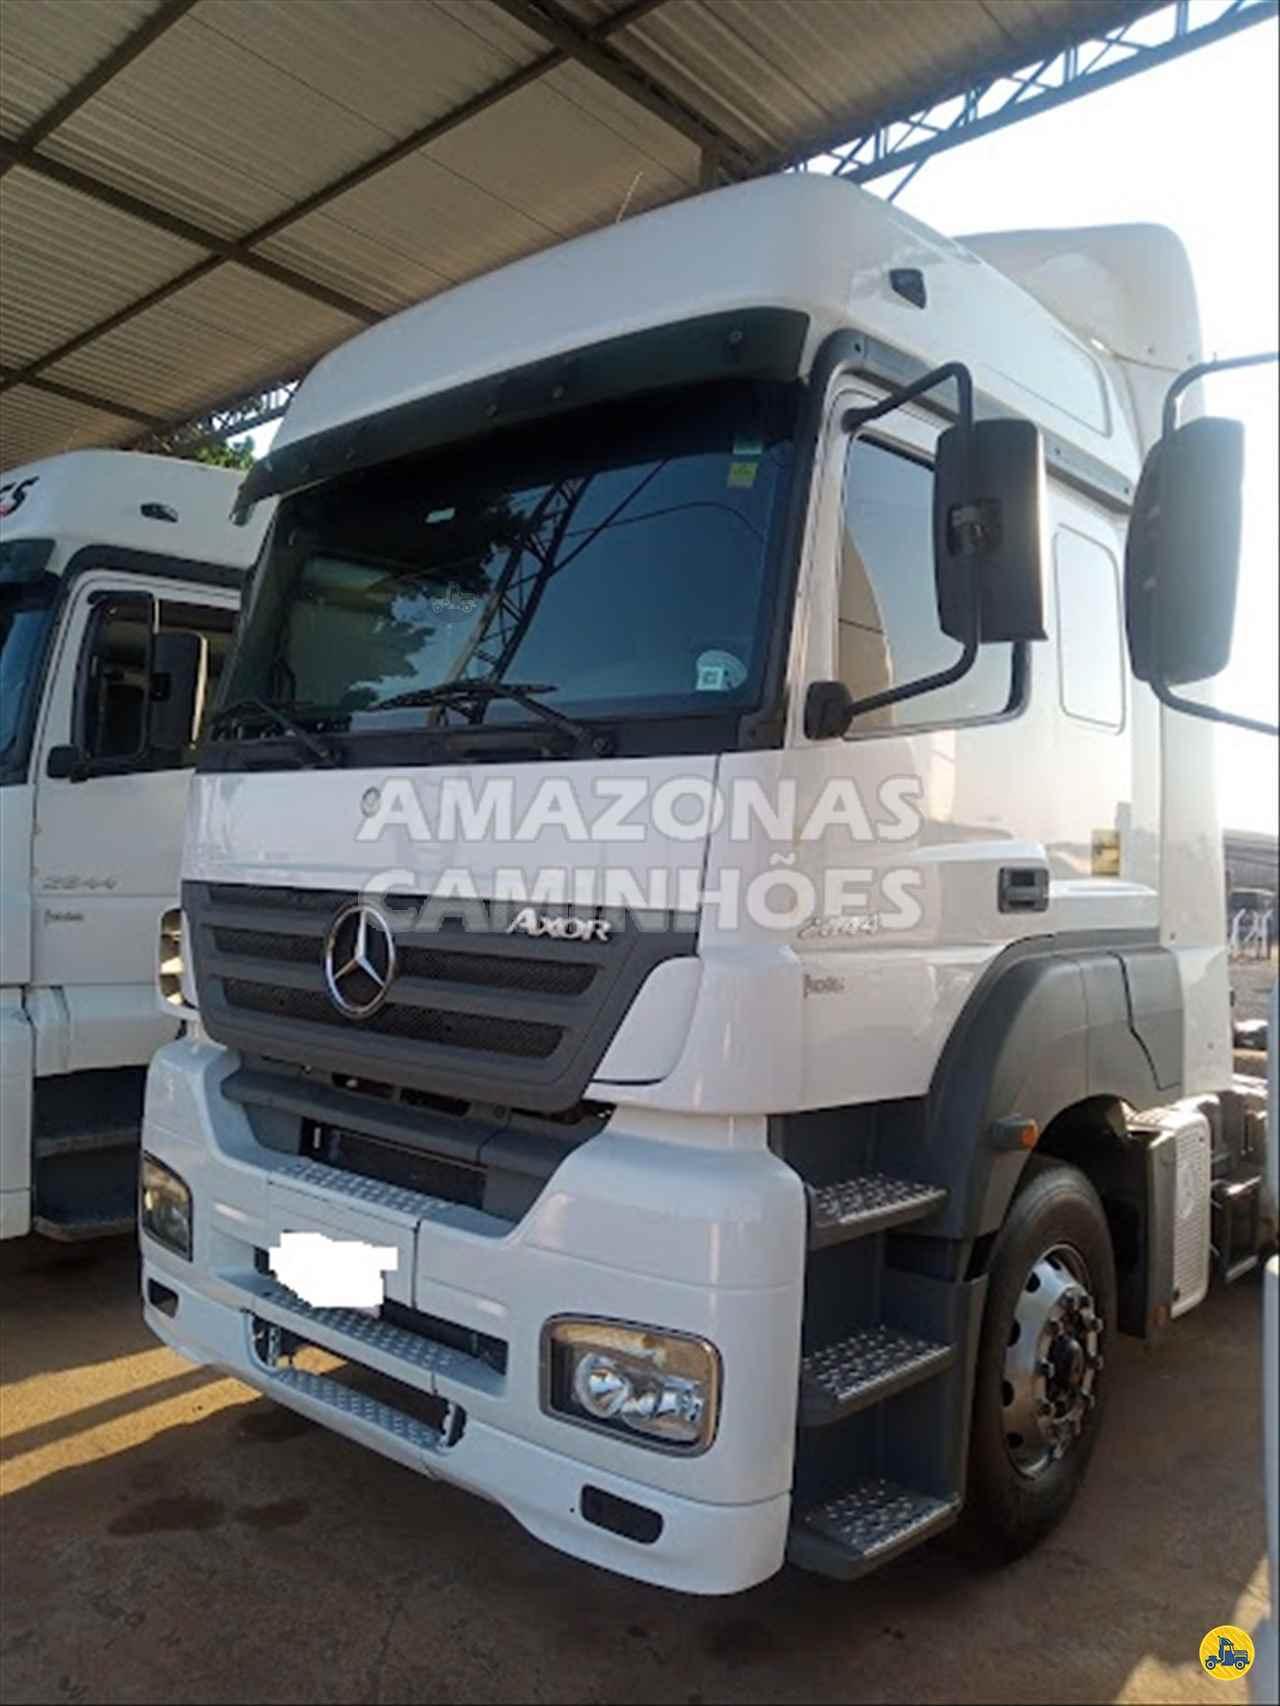 CAMINHAO MERCEDES-BENZ MB 2544 Cavalo Mecânico Truck 6x2 Amazonas Caminhões - SP MARILIA SÃO PAULO SP